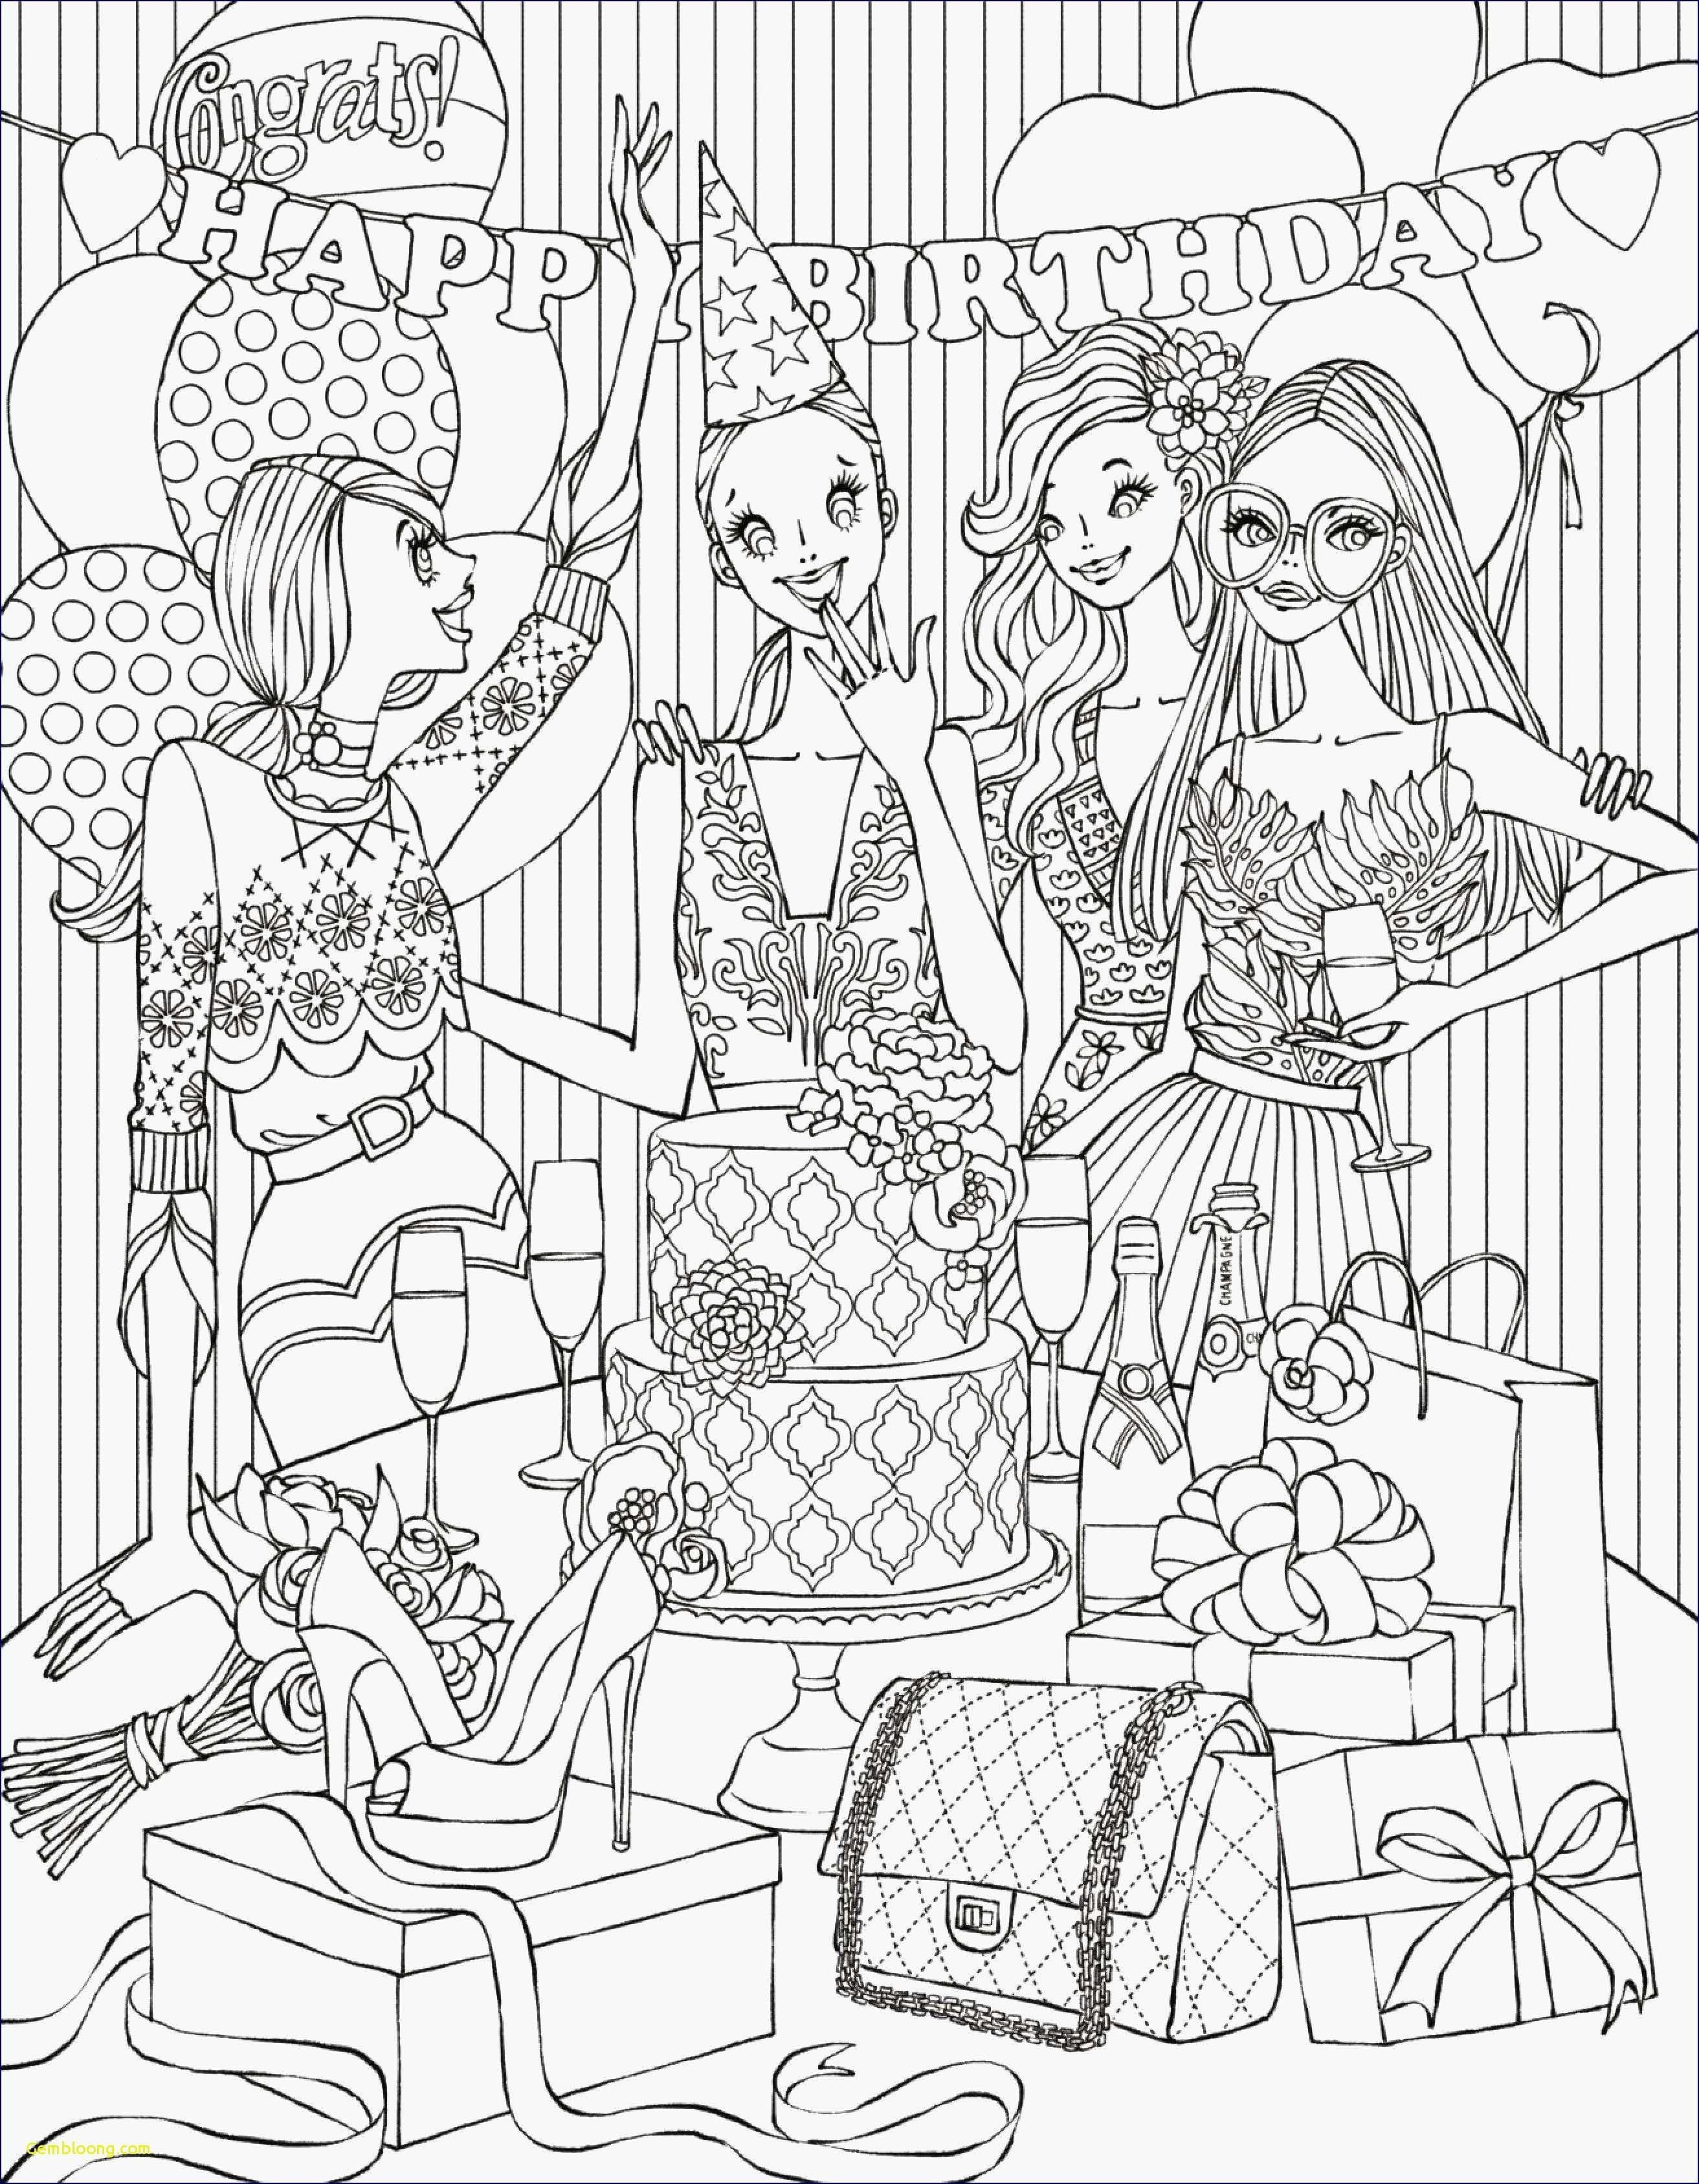 Ausmalbilder Disney Kostenlos Frisch Prinzessin Bilder Zum Ausdrucken 14 Neu Malvorlagen Galerie